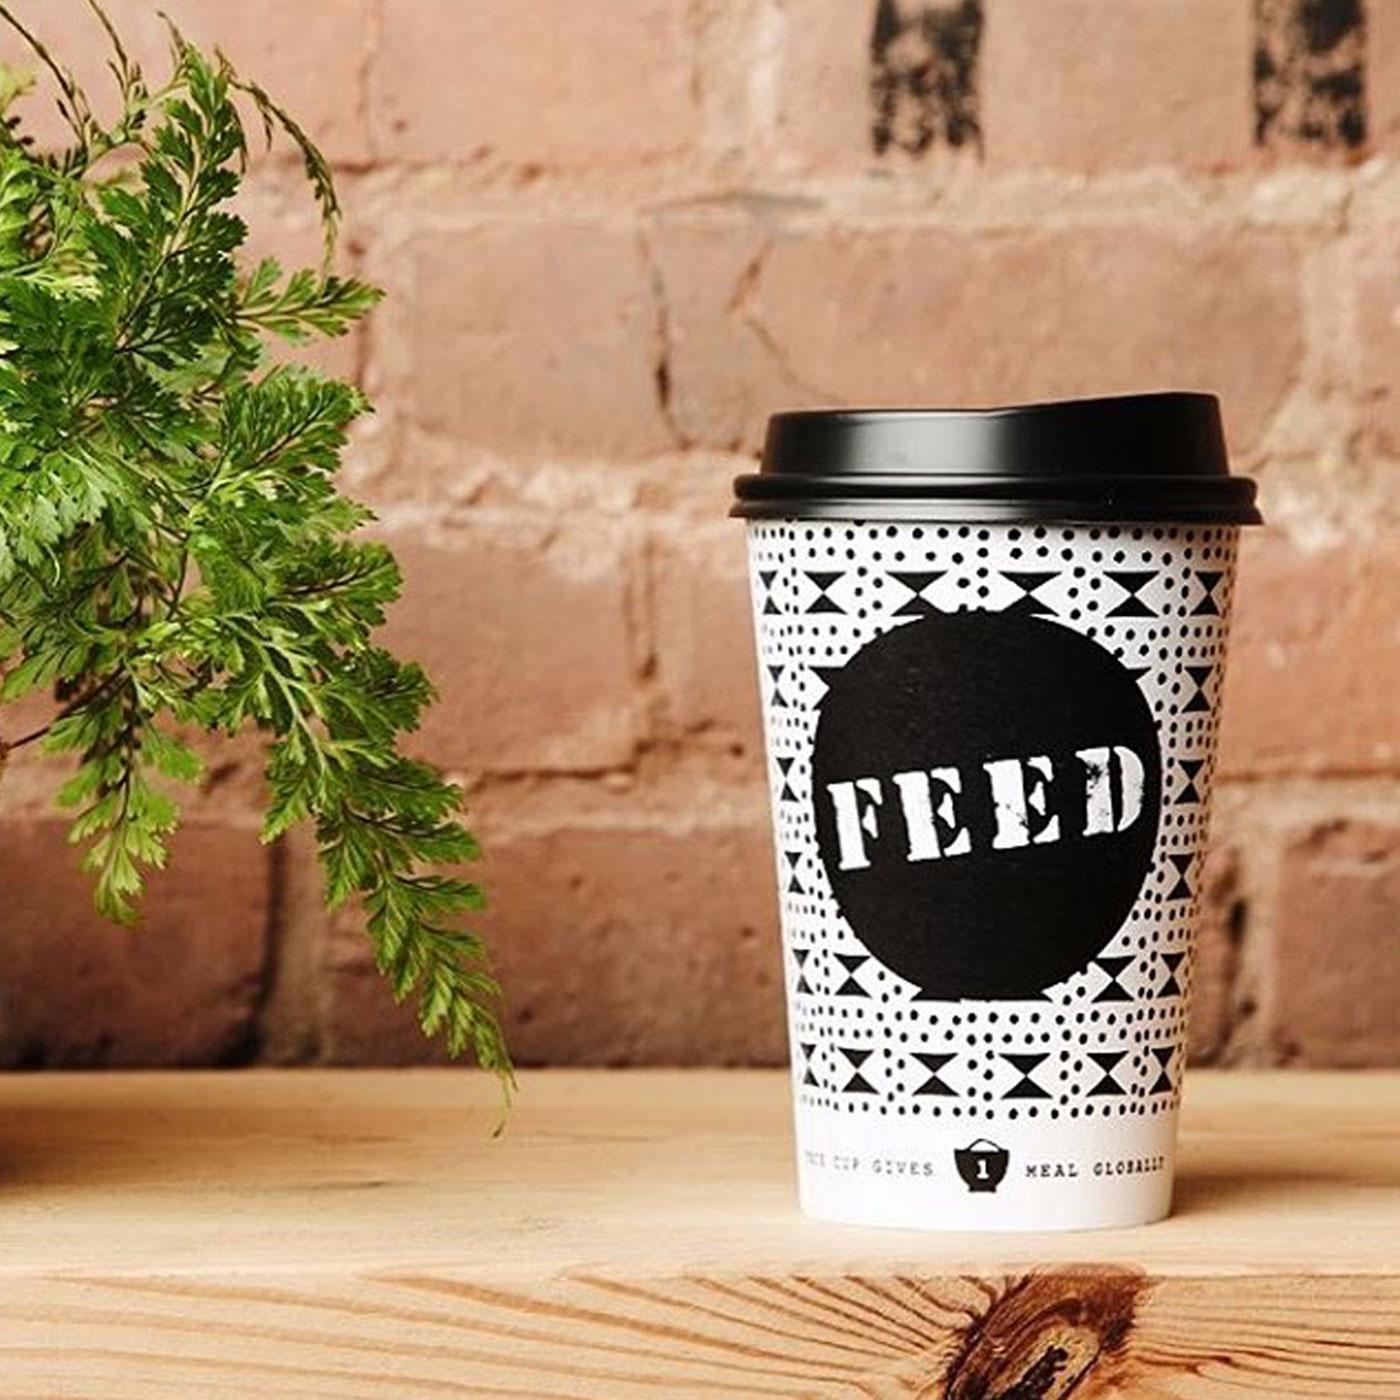 FEED Shop & Cafe